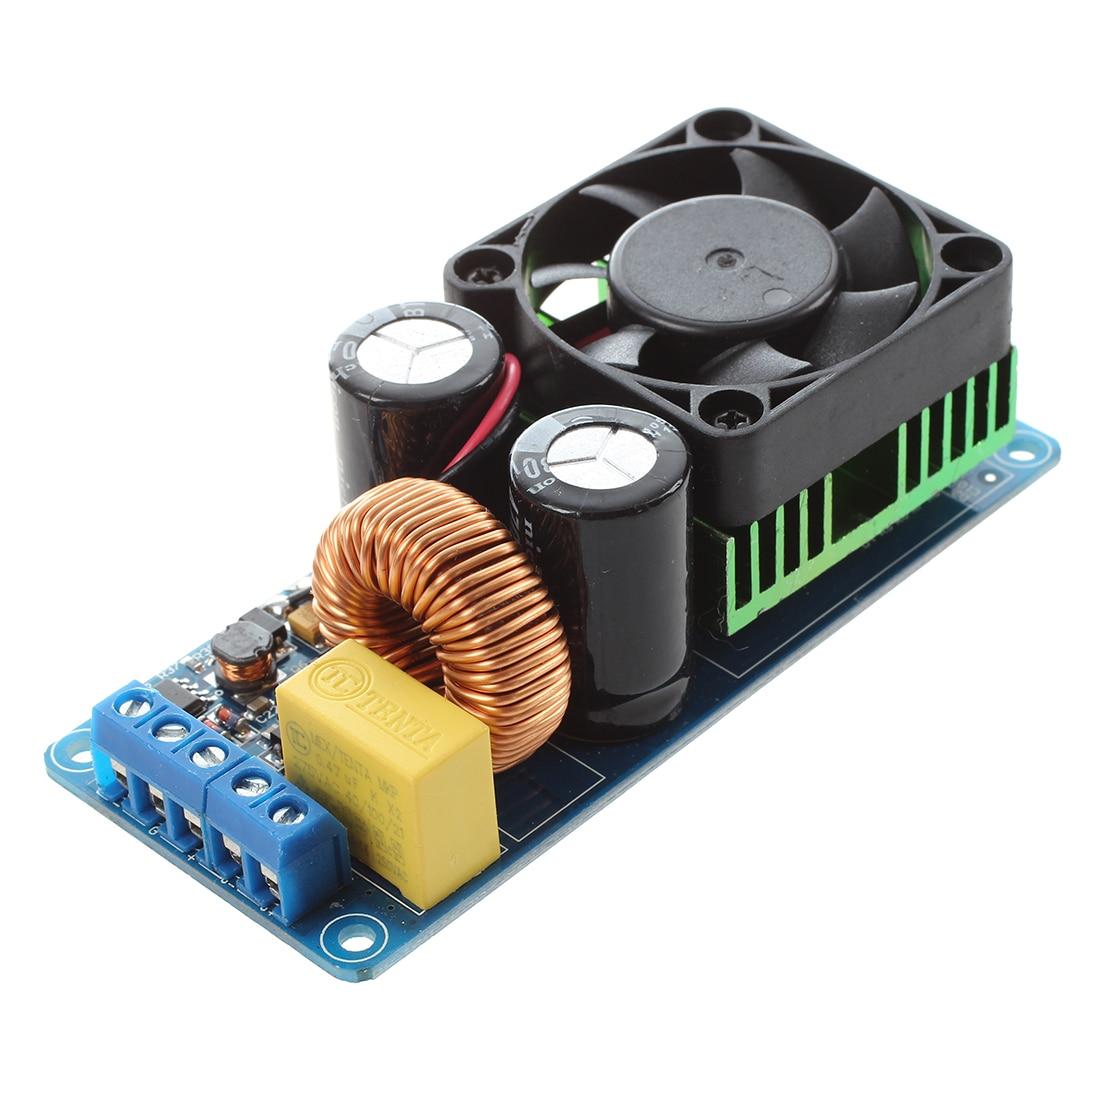 IRS2092S 500W Mono Channel Digital Amplifier Class D HIFI Power Amp Board with FAN jungson ja 2 ja 100 standard version pre amplifier and power amplifier amp hifi amplifier mono amp mono amplifier pure class a